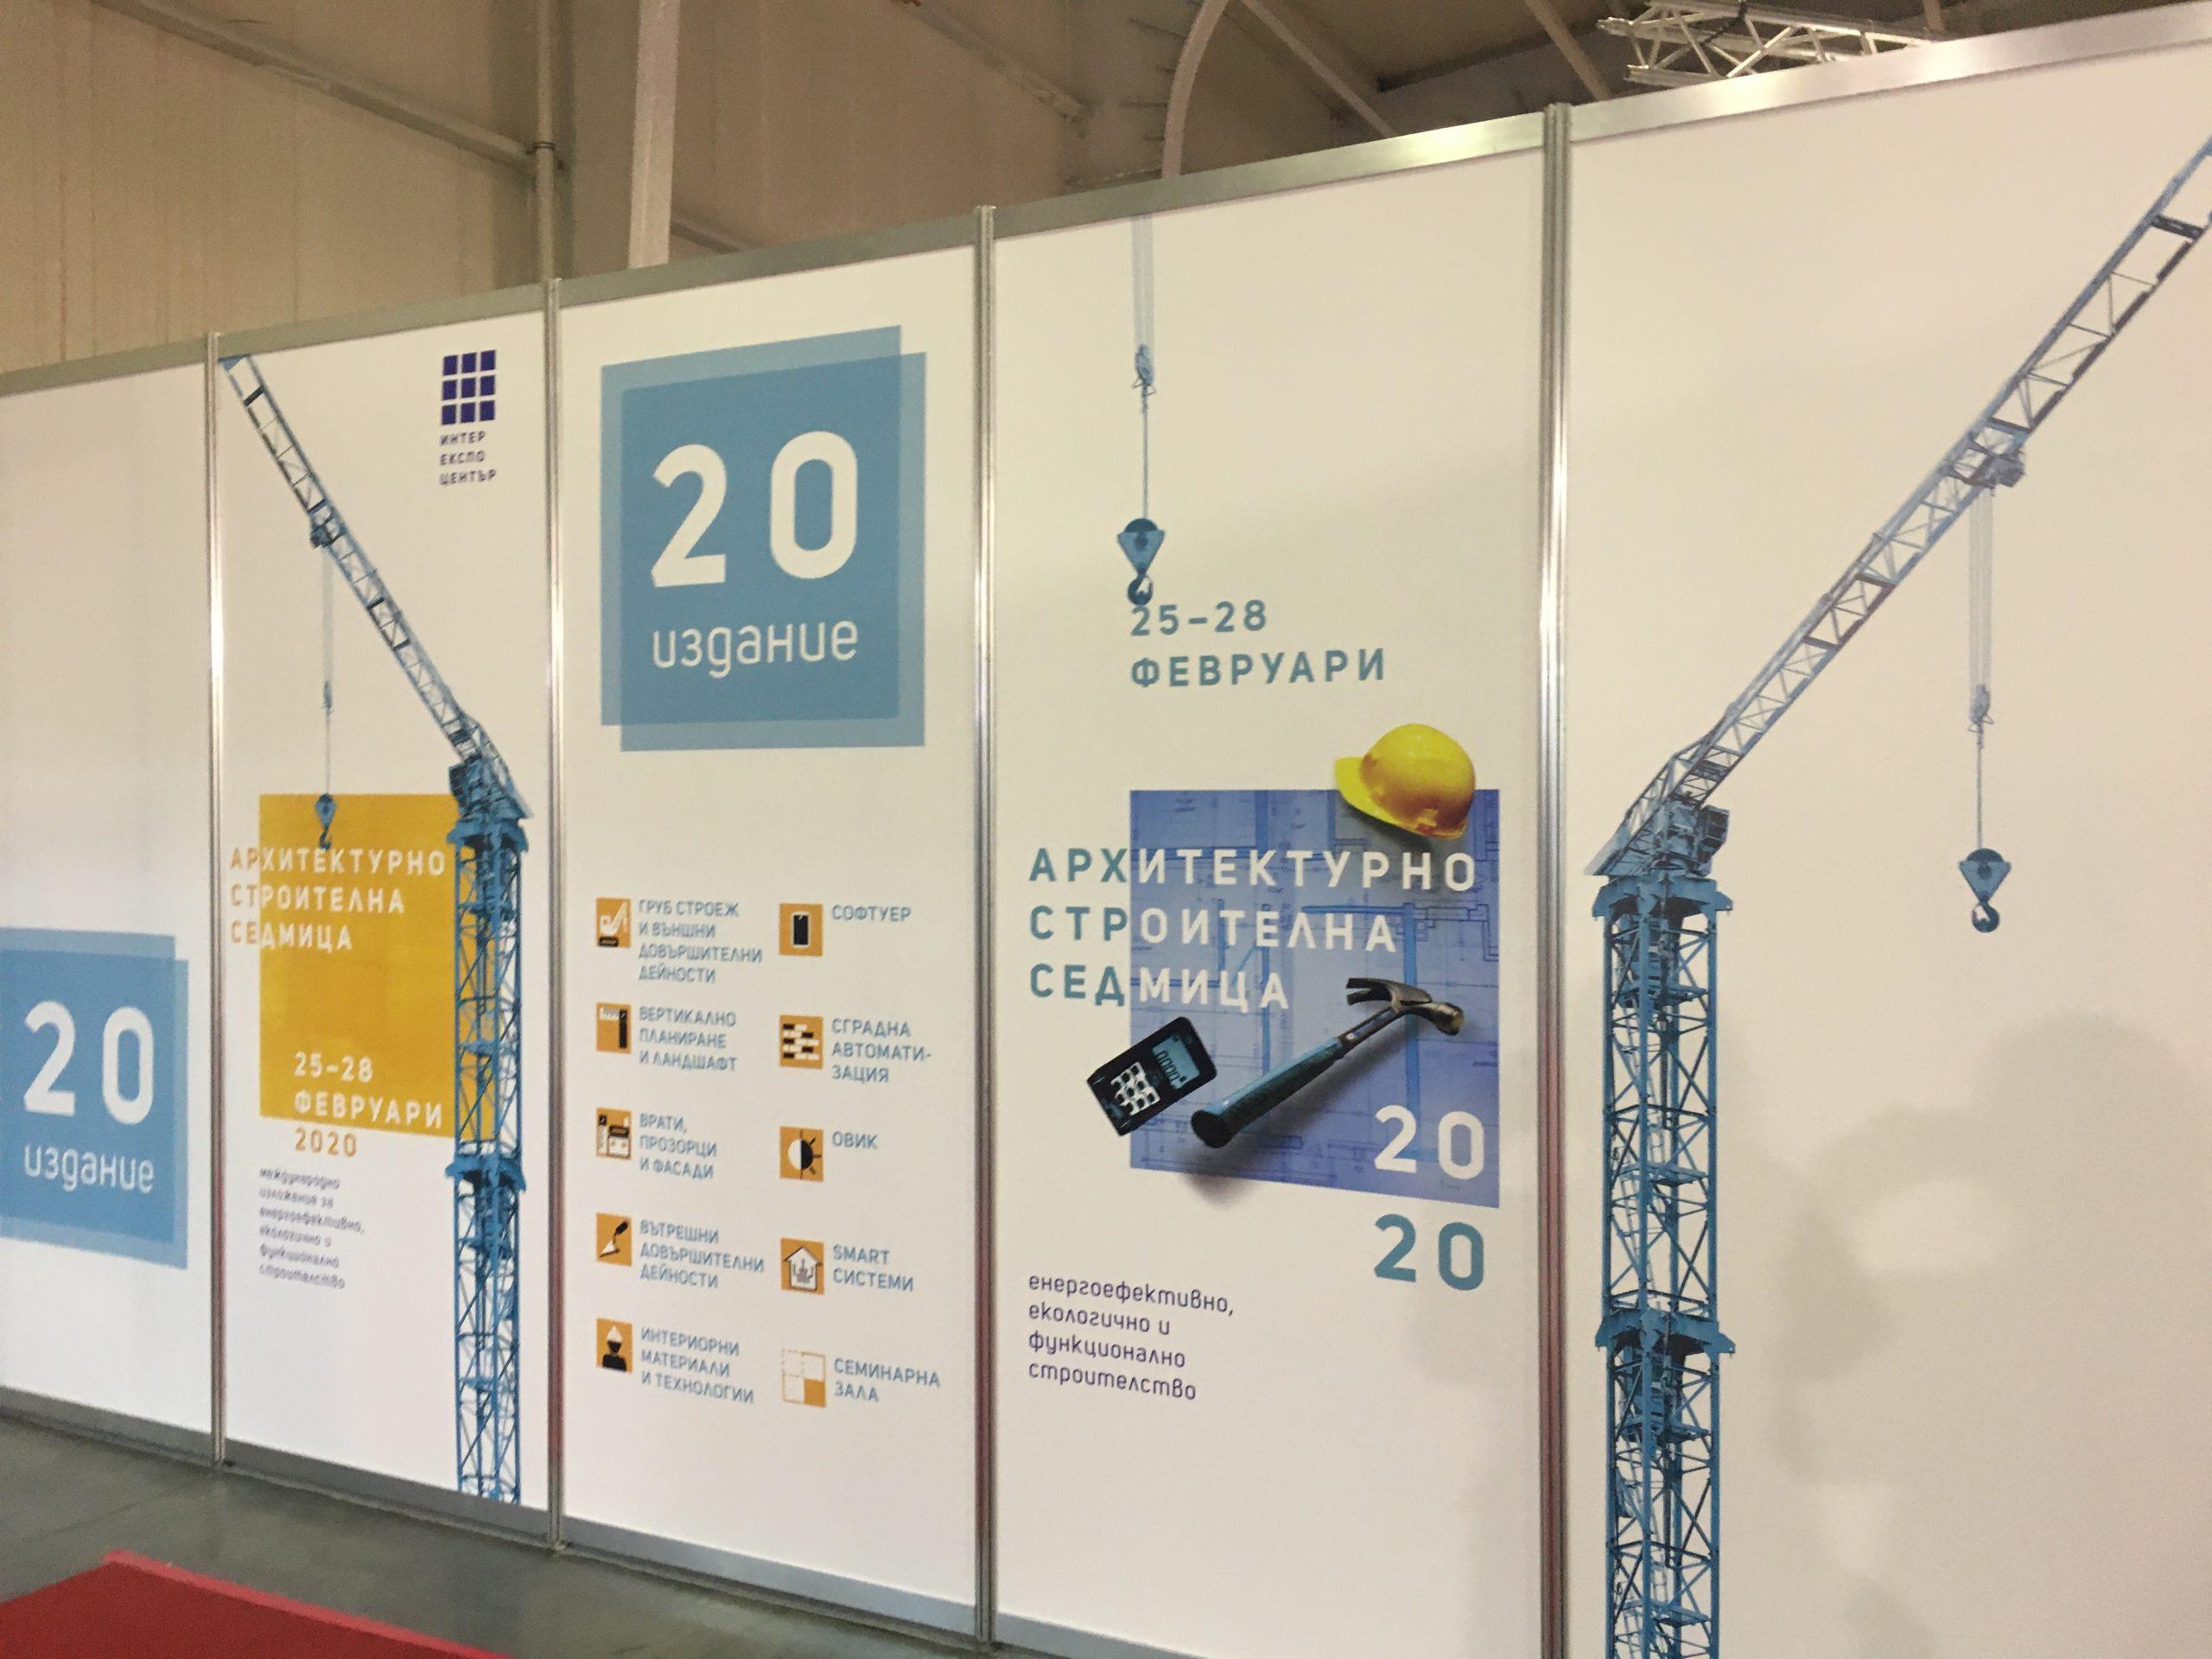 Архитектурно-строителна седмица София